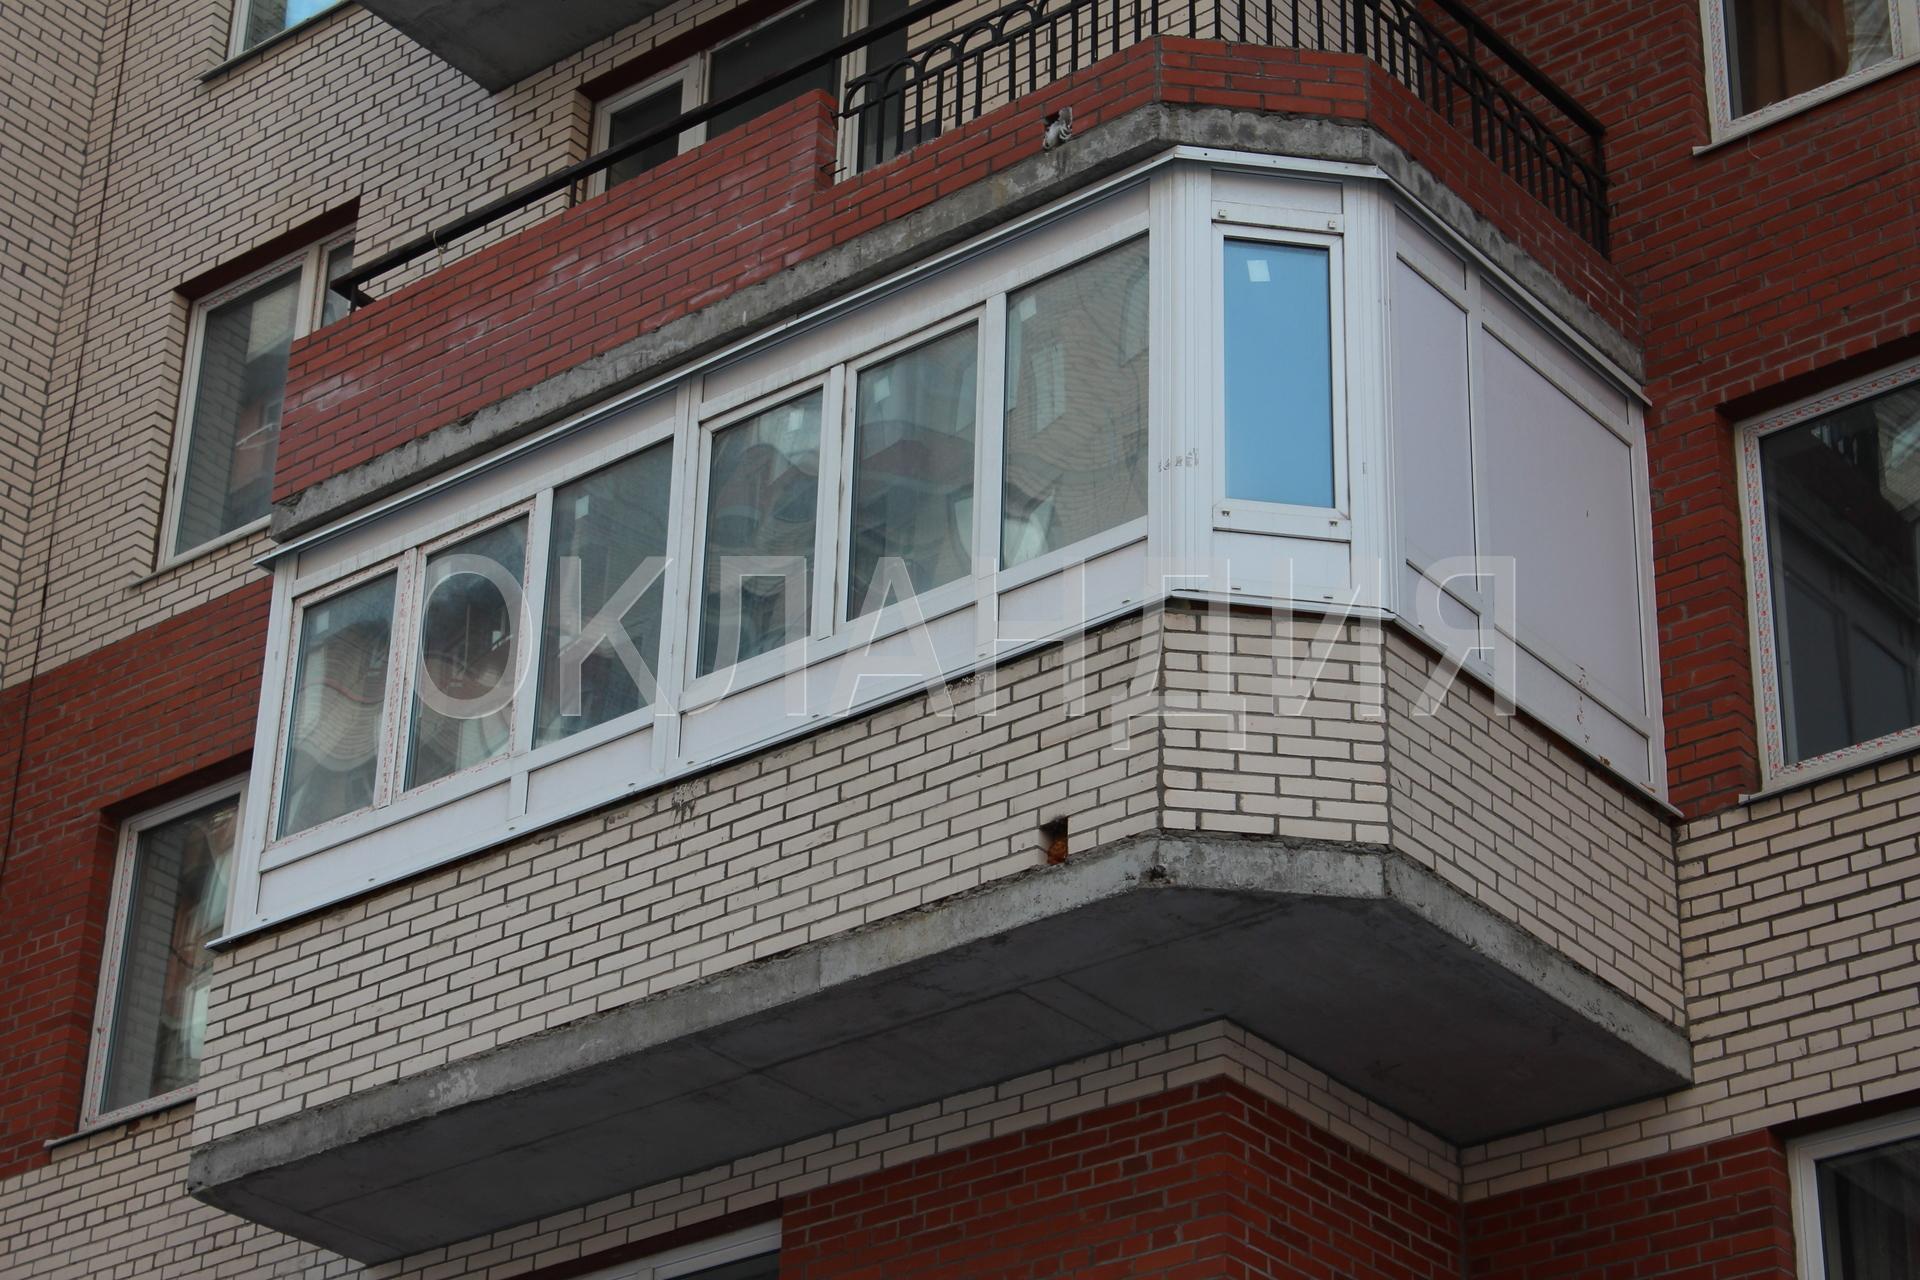 Остекление пластиковыми окнами большого г-образного балкона.